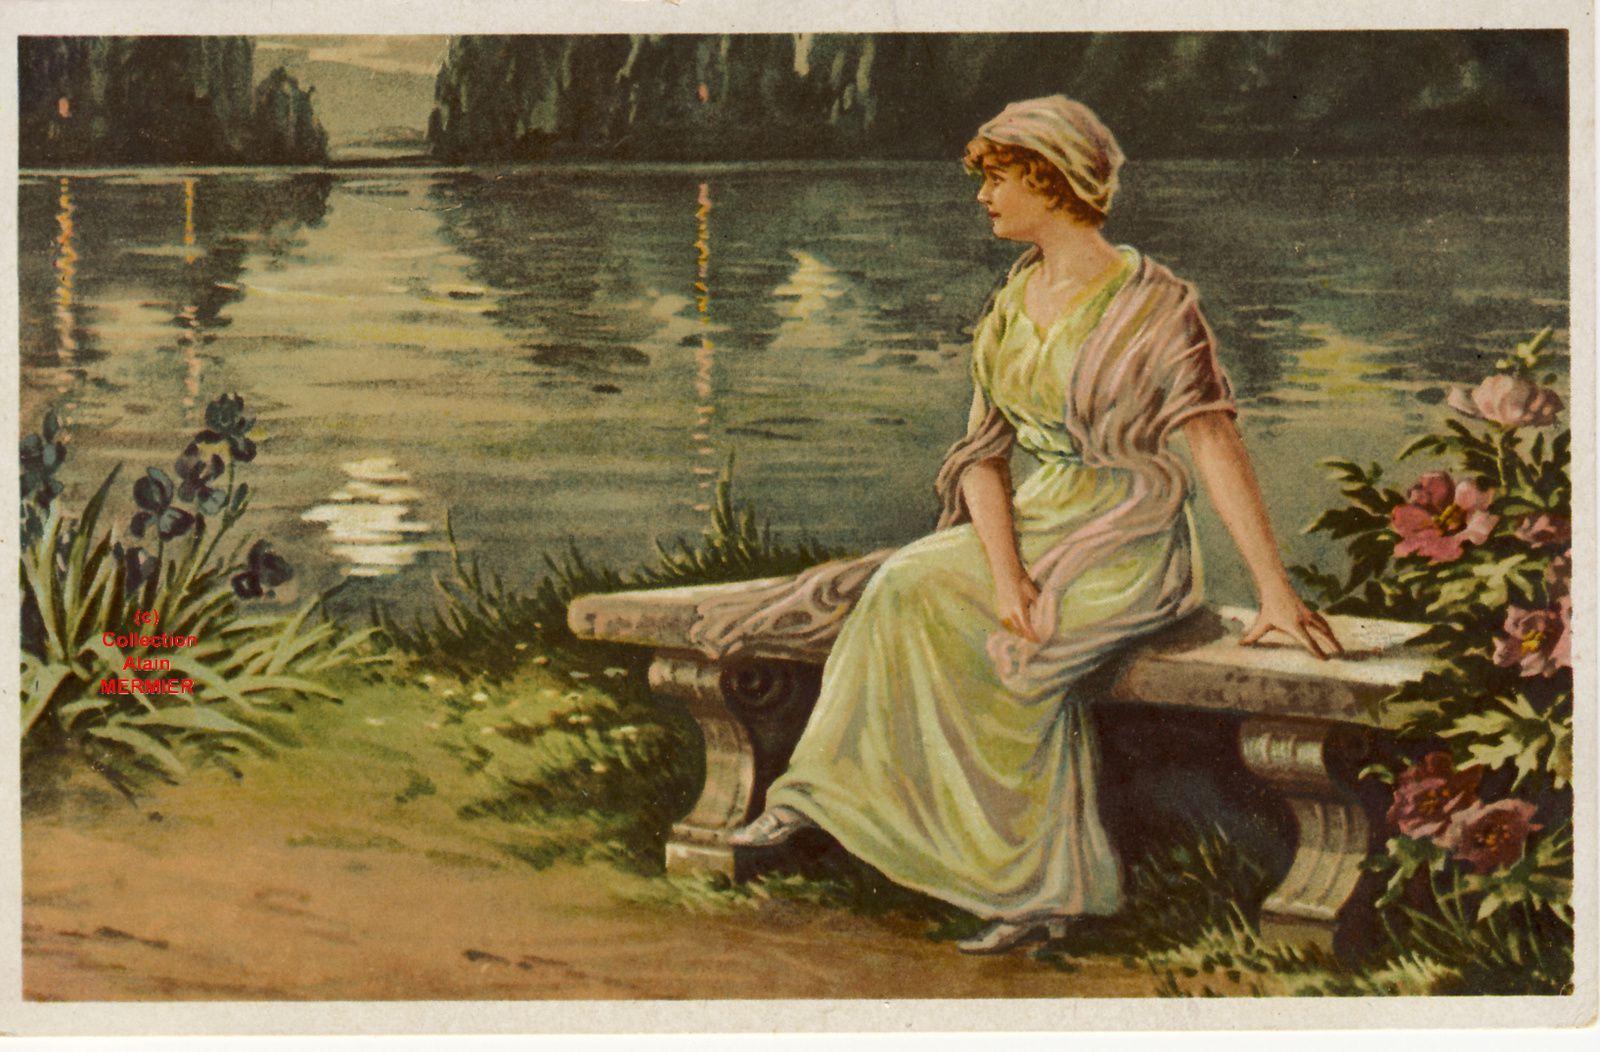 Iris -1987- STUDENT E. Abend am see. Soir au lac. Allemagne.